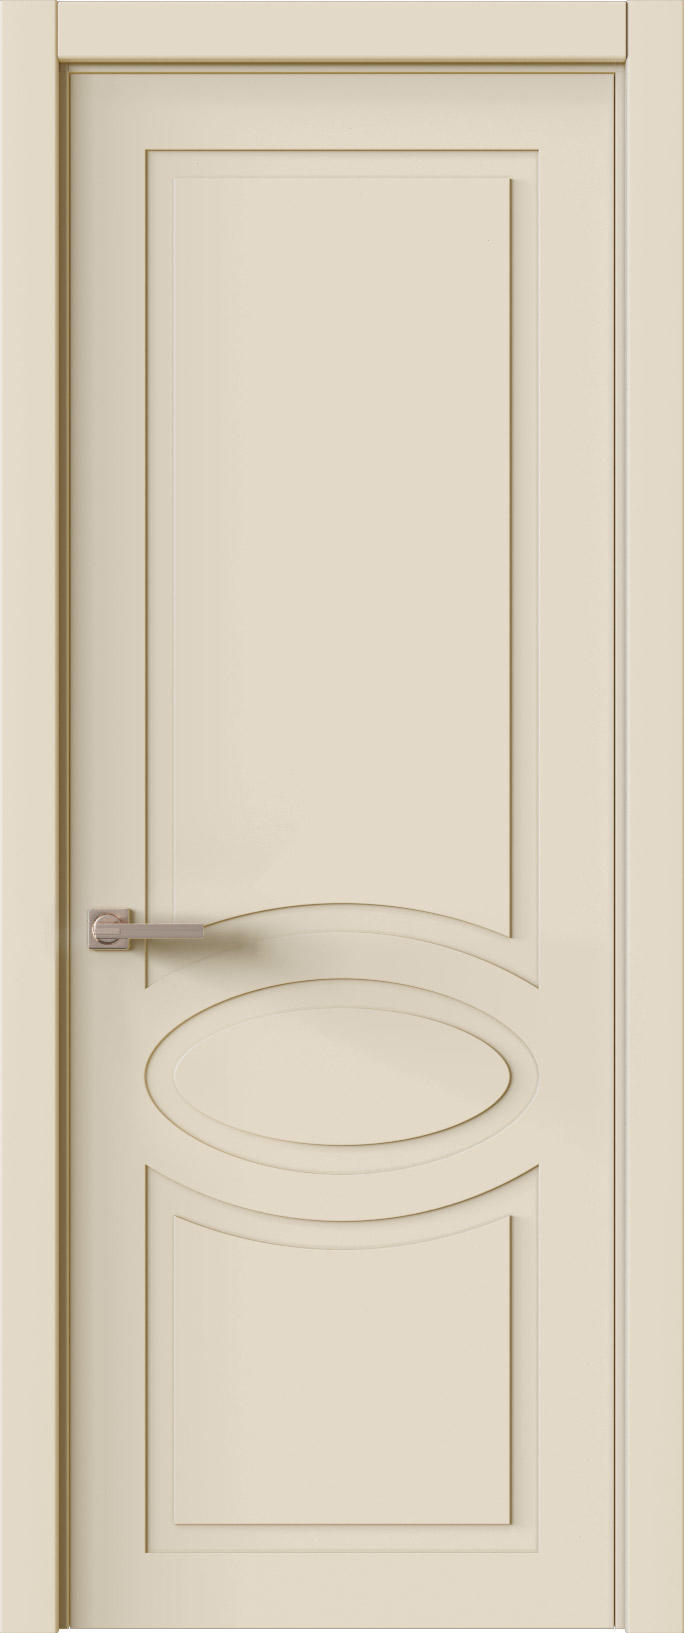 Tivoli Н-5 цвет - Жемчужная эмаль (RAL 1013) Без стекла (ДГ)